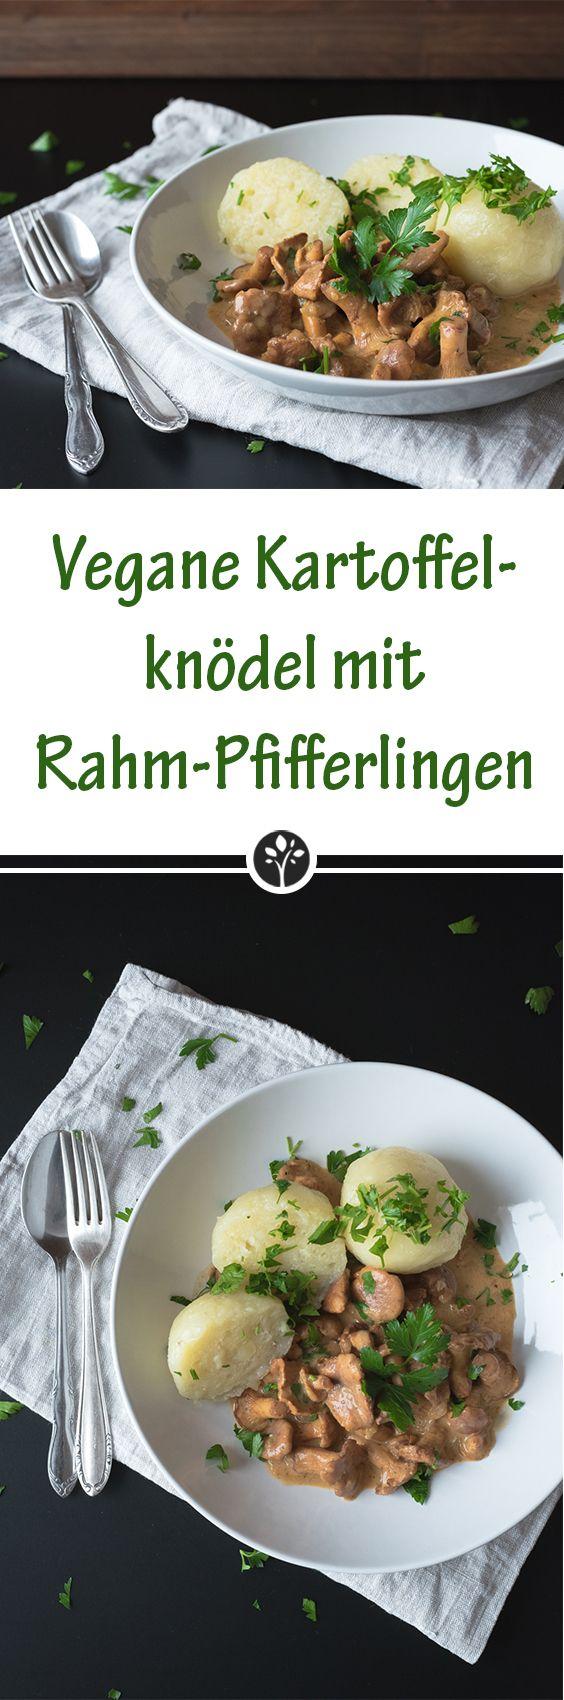 #vegane Kartoffelknödel mit Rahm-Pfifferlingen jetzt auf eat-vegan.de